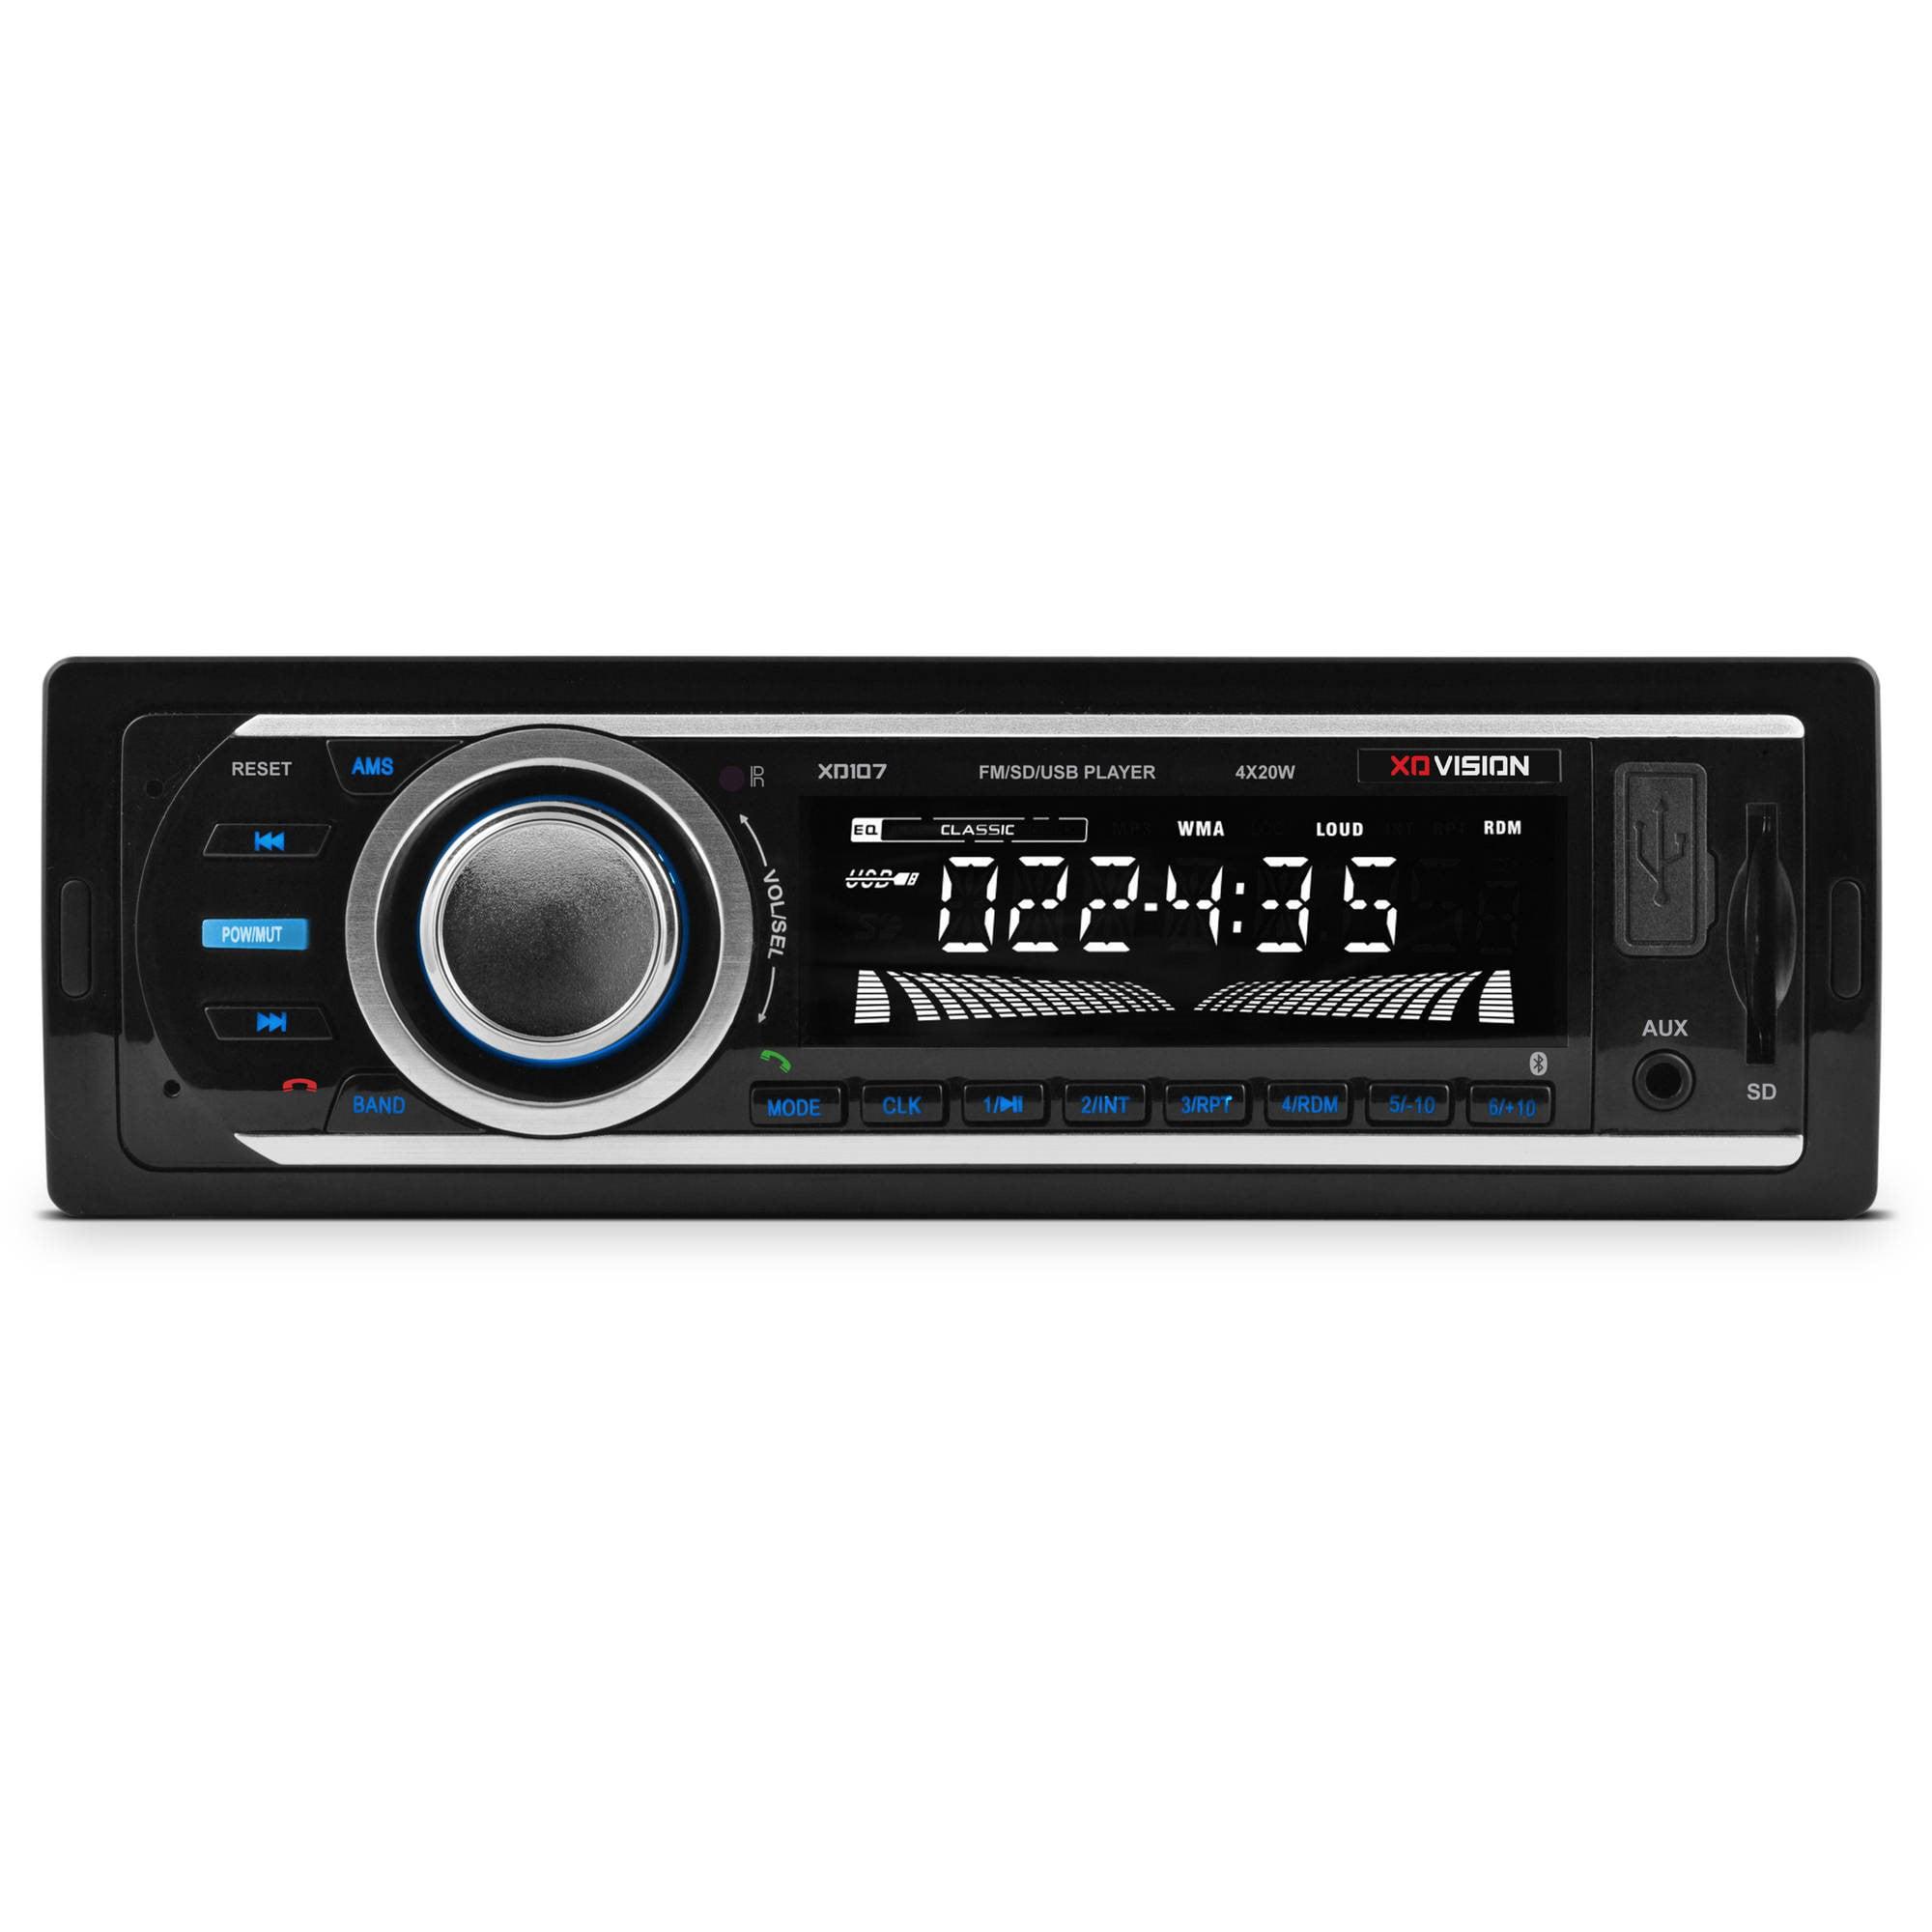 Xo Vision Xd107 Single-din In-dash Fm/mp3 Stereo Digital Media ...